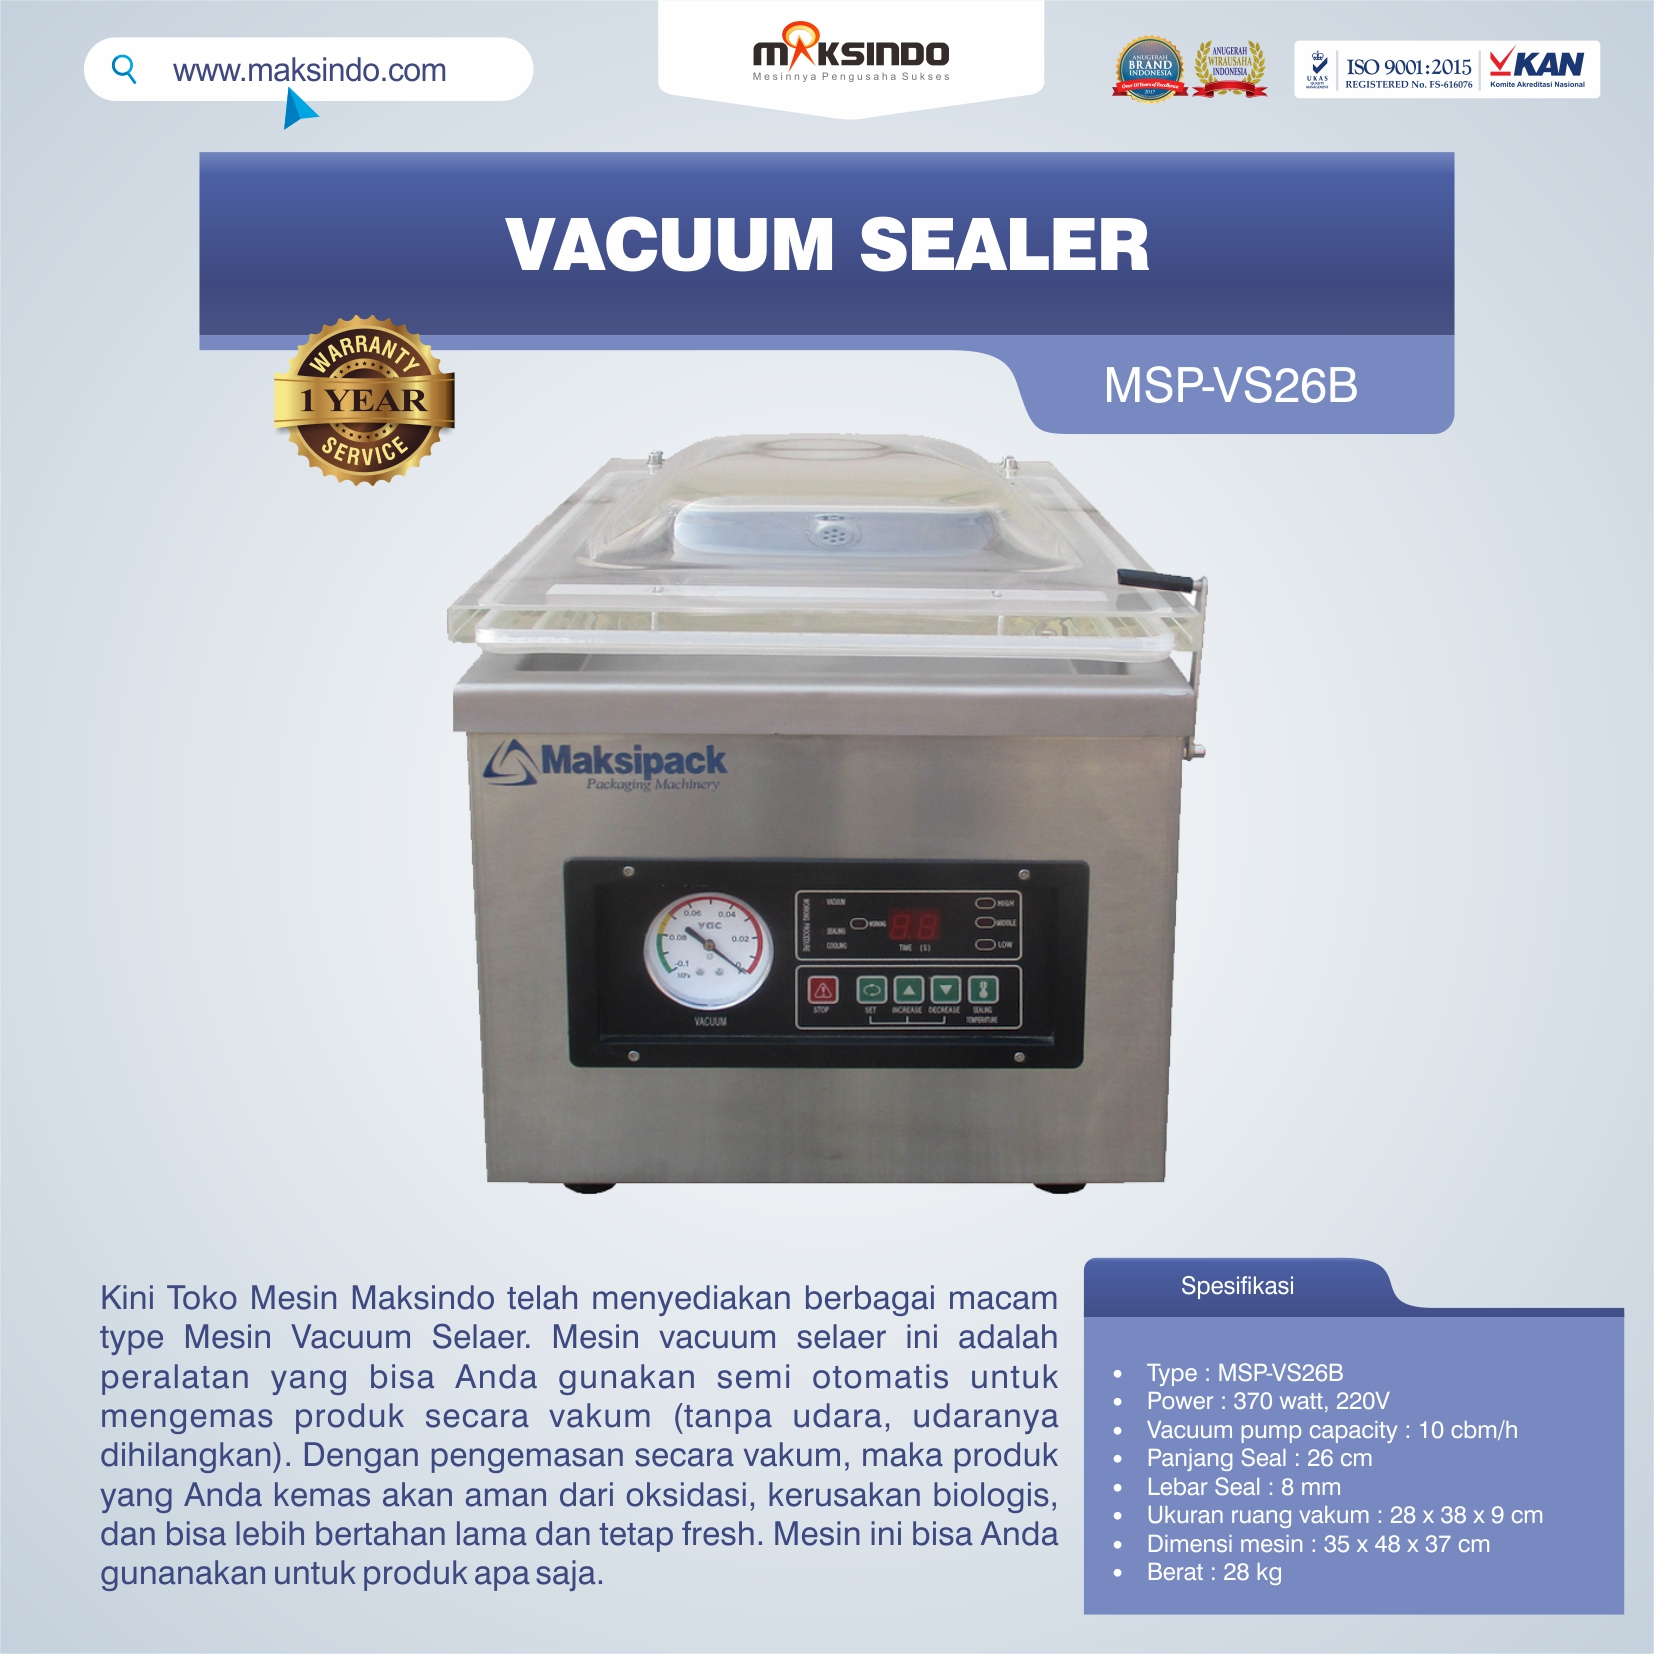 Jual Vacuum Sealer MSP-VS26B di Bogor